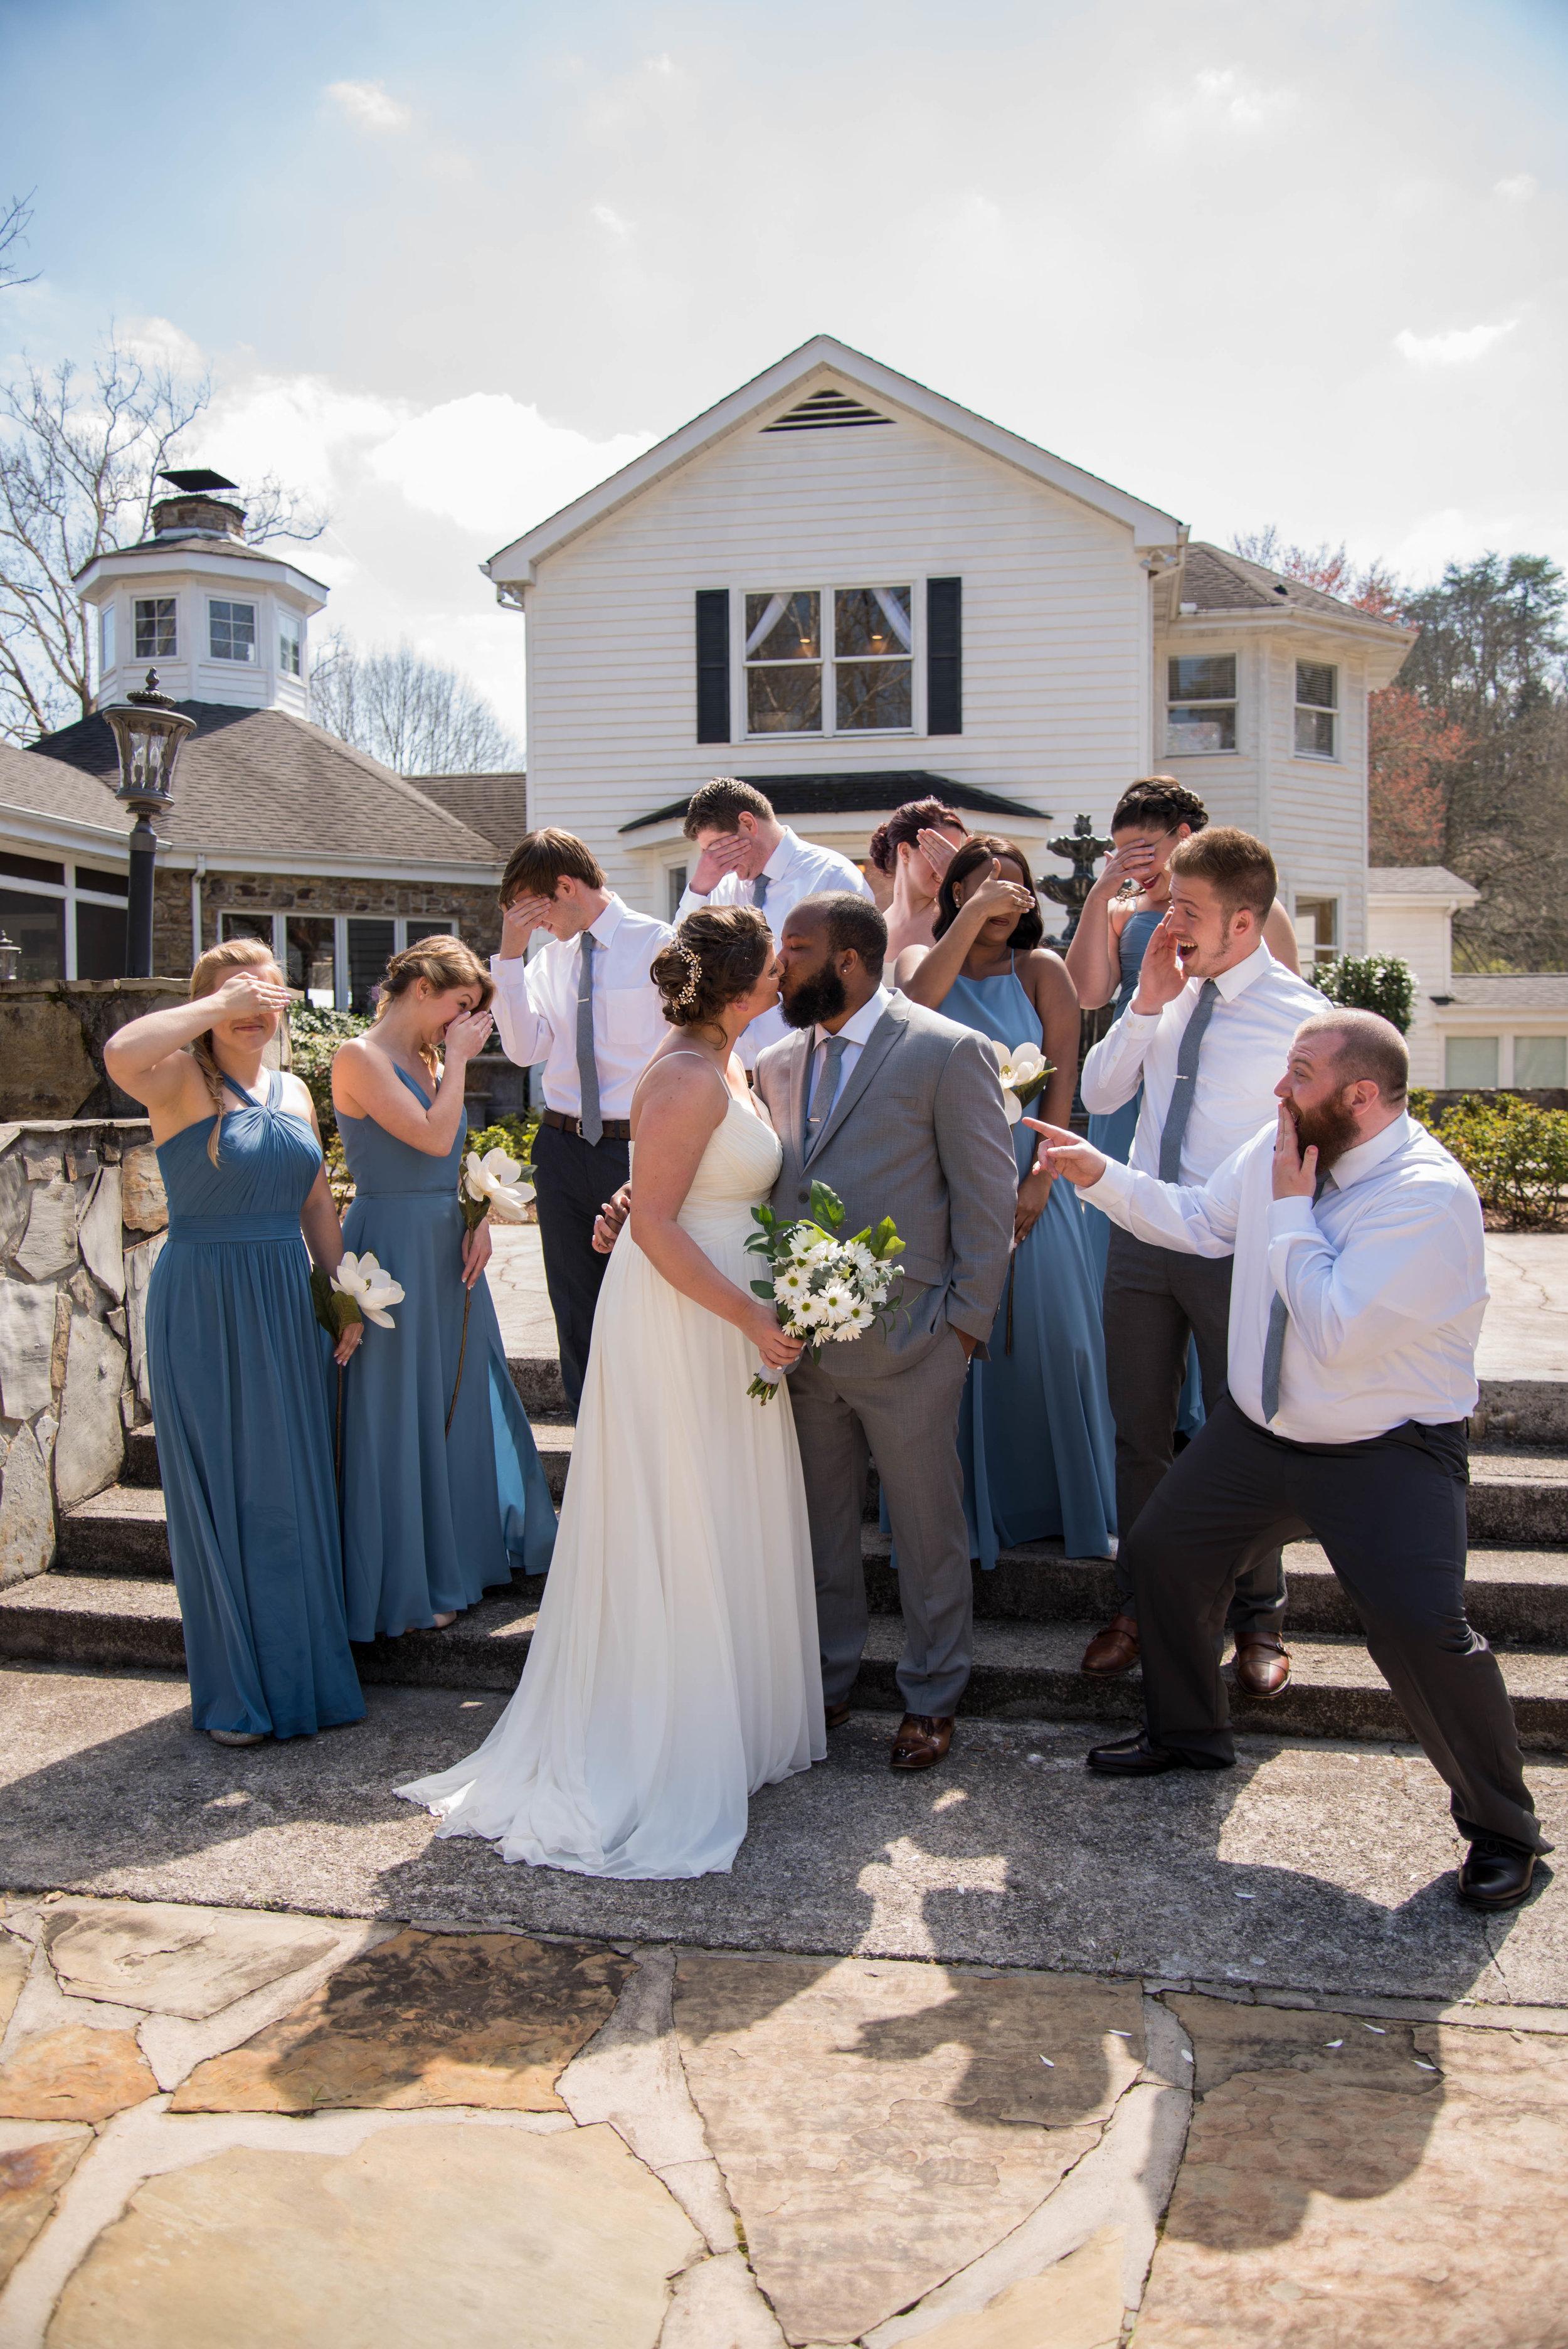 weddingparty-089.jpg